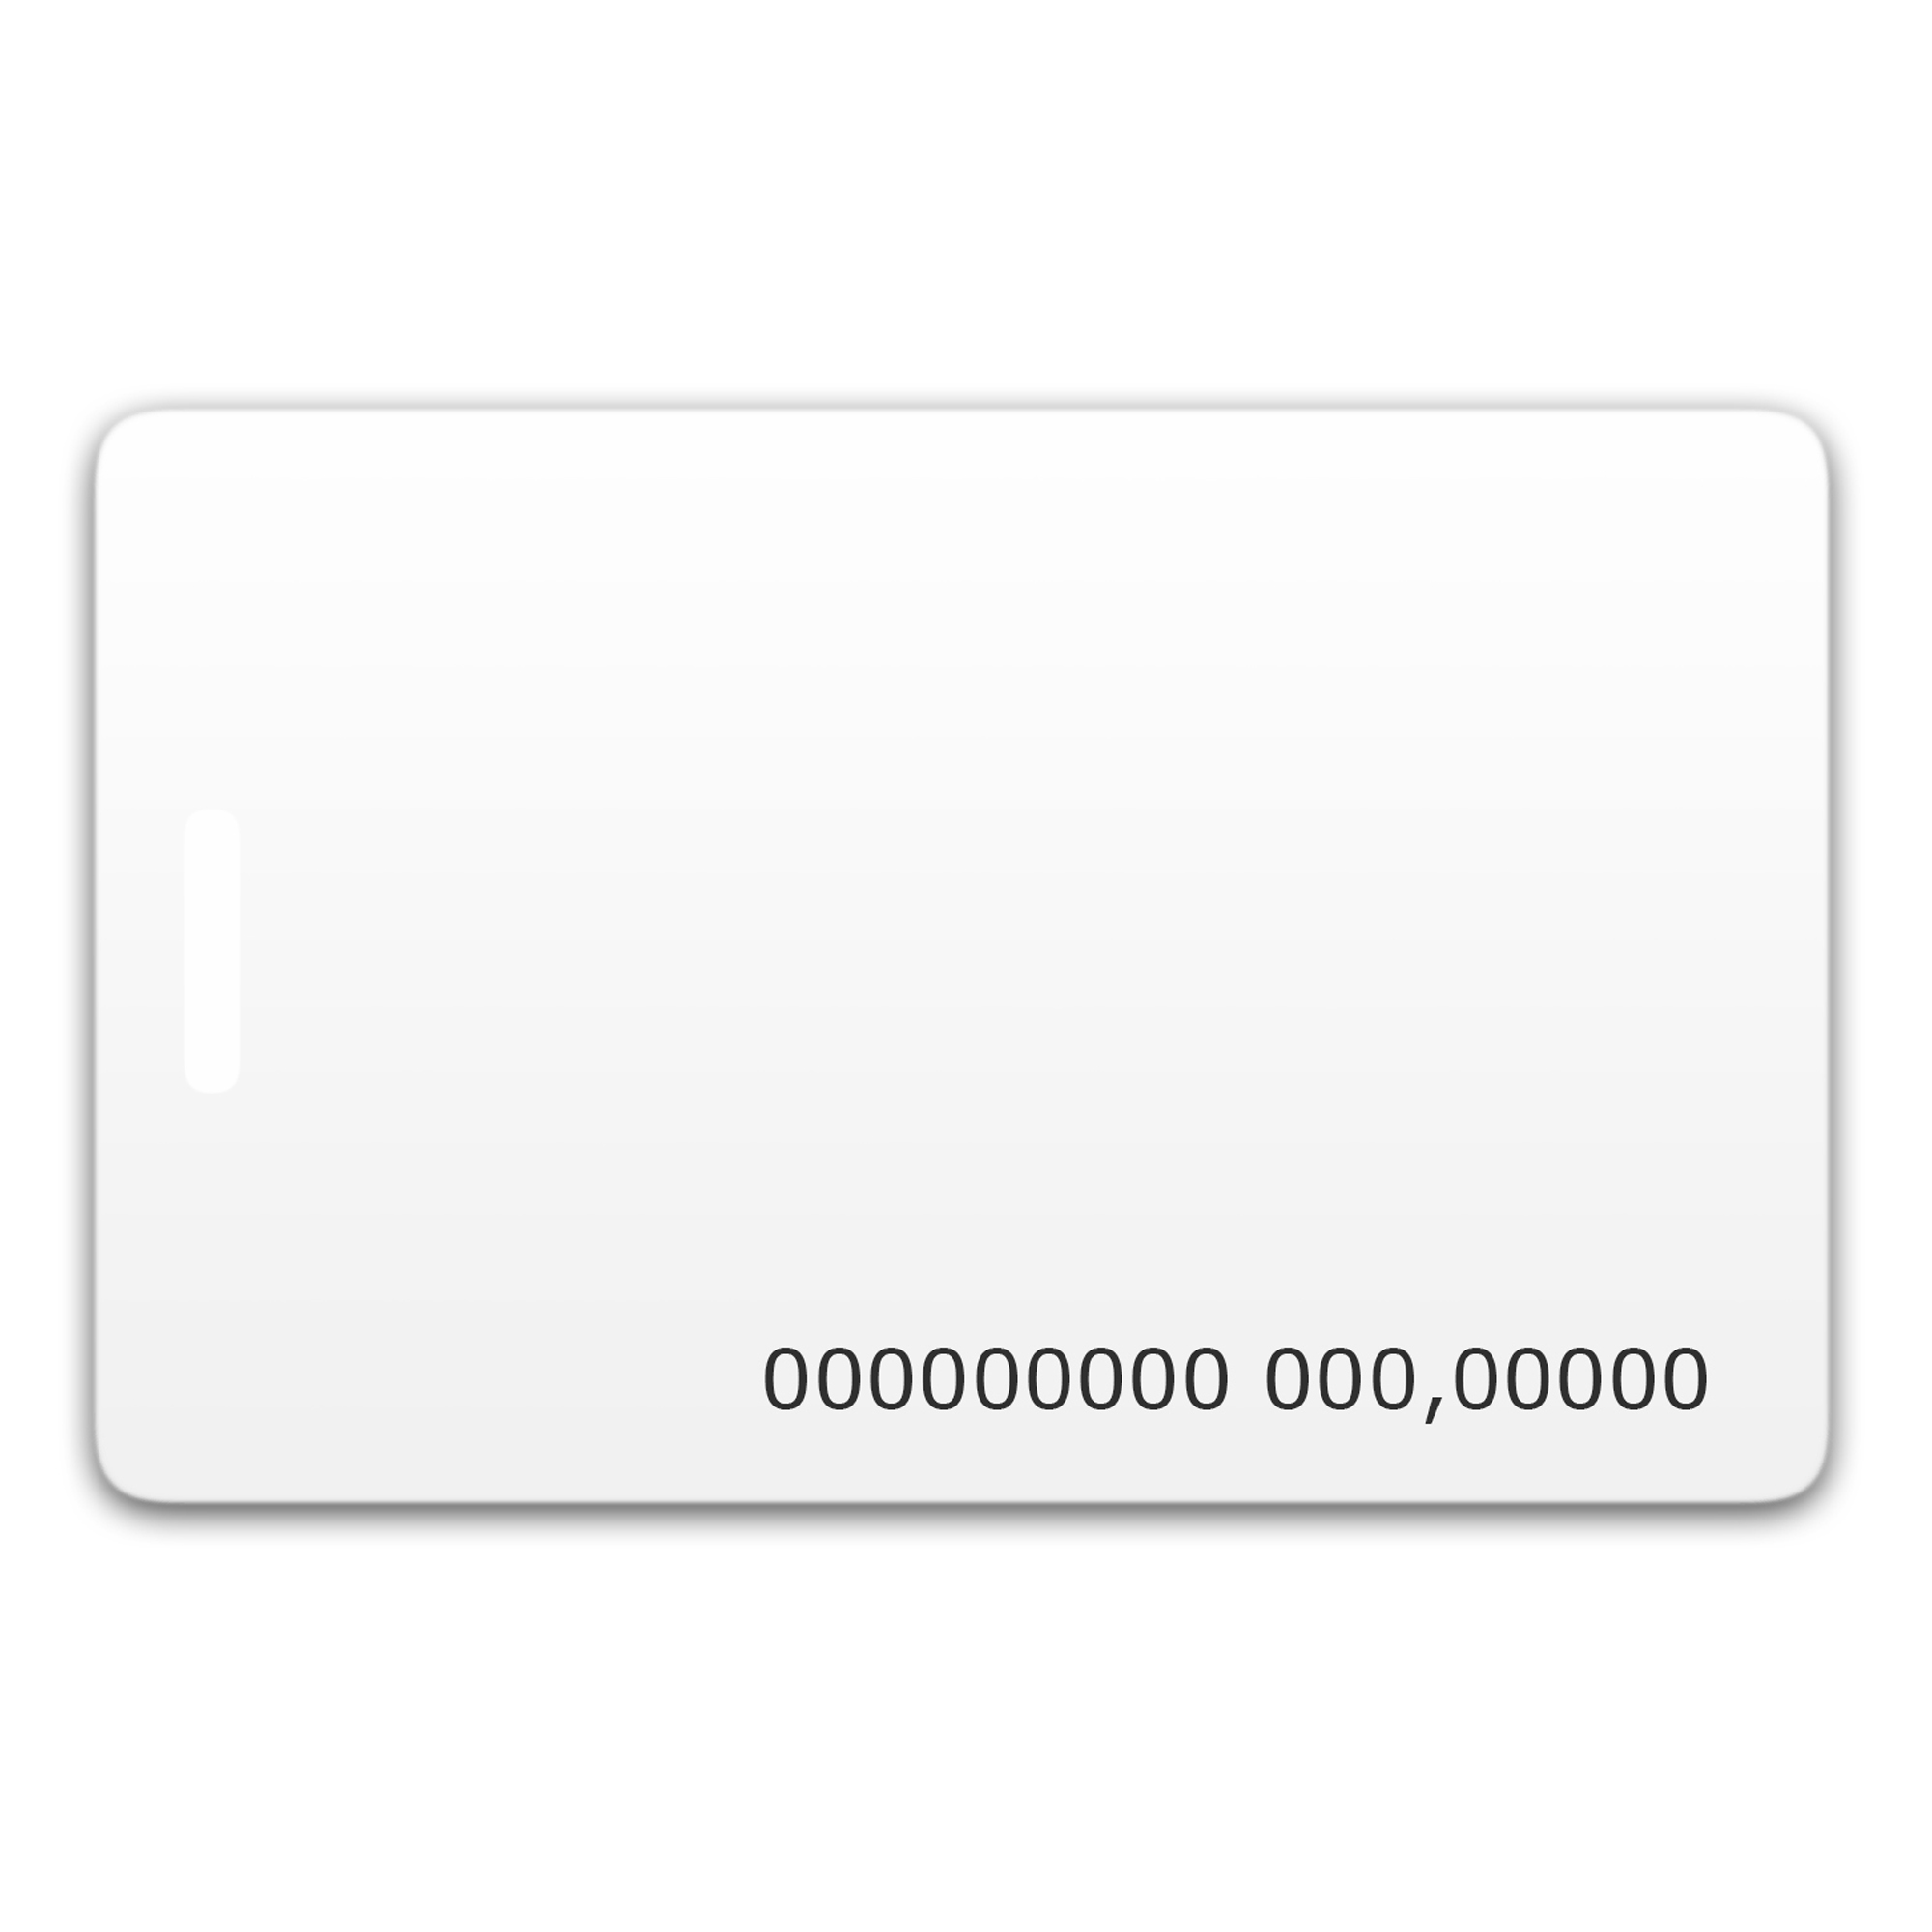 Chip-UA | Бесконтактная пластиковая RFID-карта с номером с чипом Mifare 4K